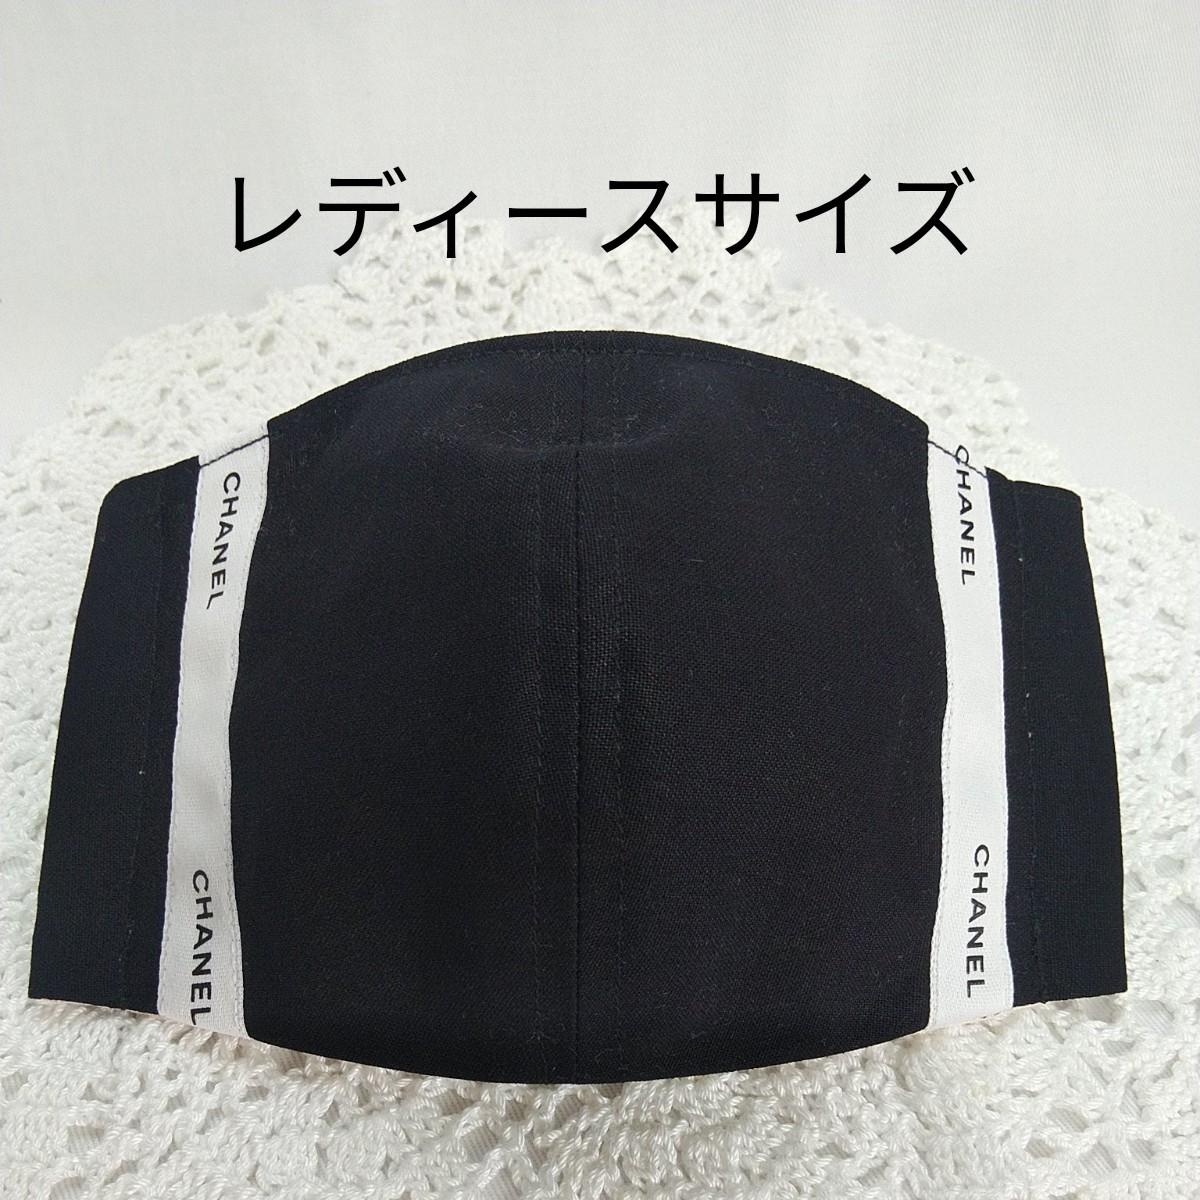 ハンドメイド インナーガーゼ(B/W)